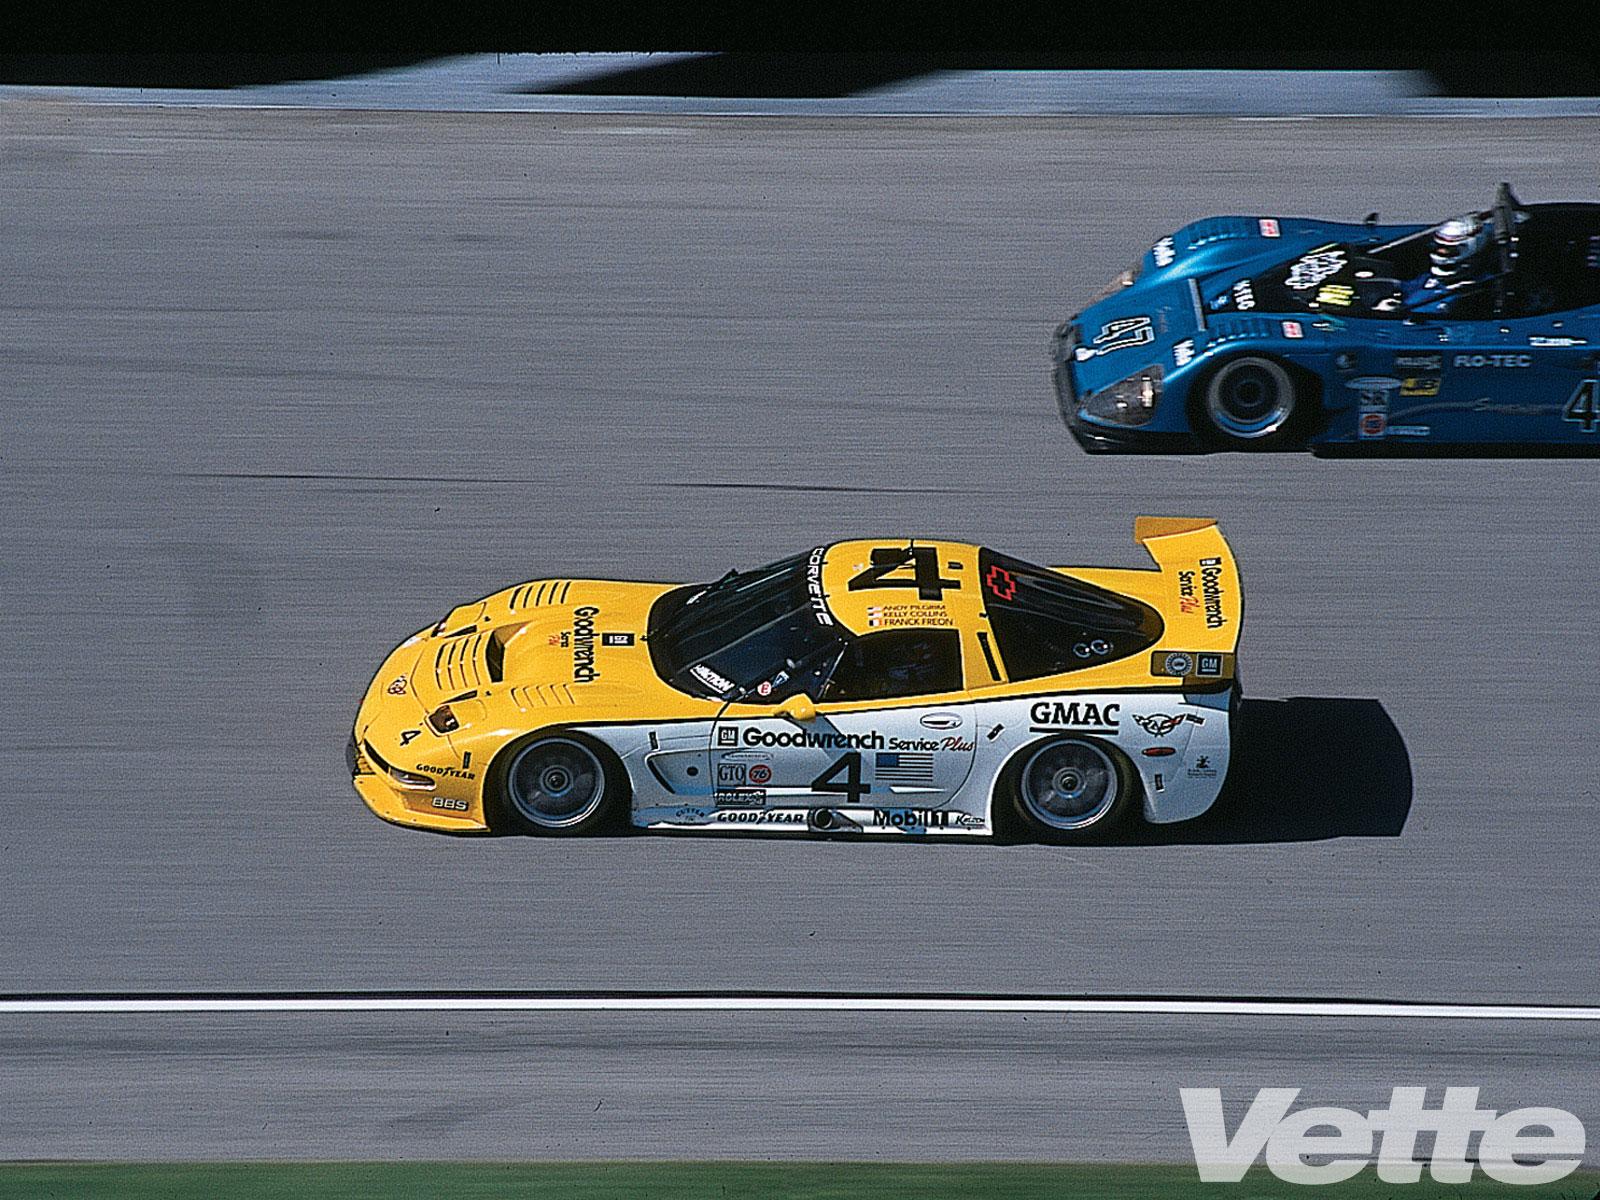 2000 Spec Corvette C5 R Racing 1600x1200